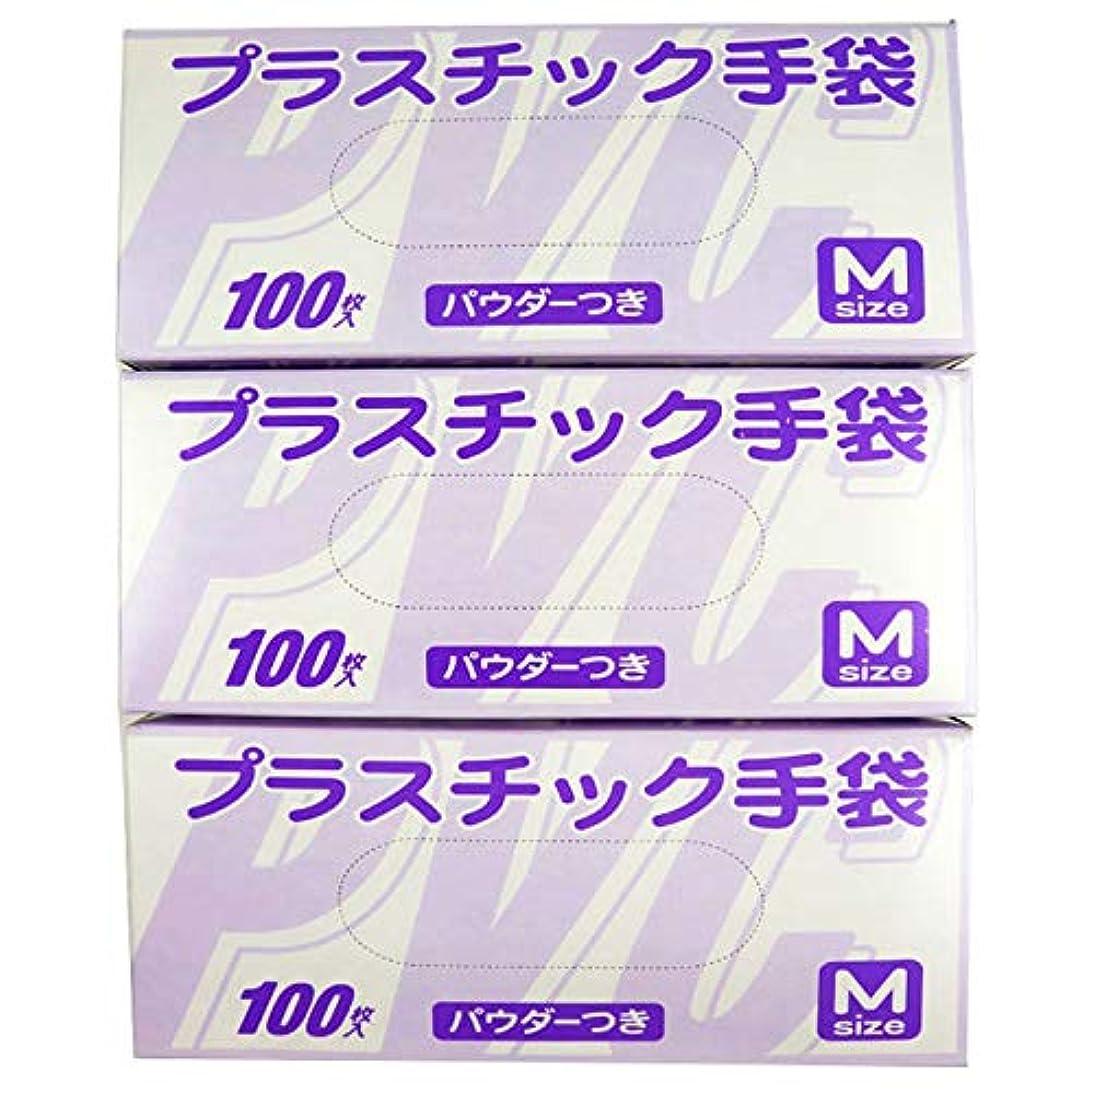 証言する靄中絶【お得なセット商品】(300枚) 使い捨て手袋 プラスチックグローブ 粉付 Mサイズ 100枚入×3個セット 超薄手 破れにくい 101022